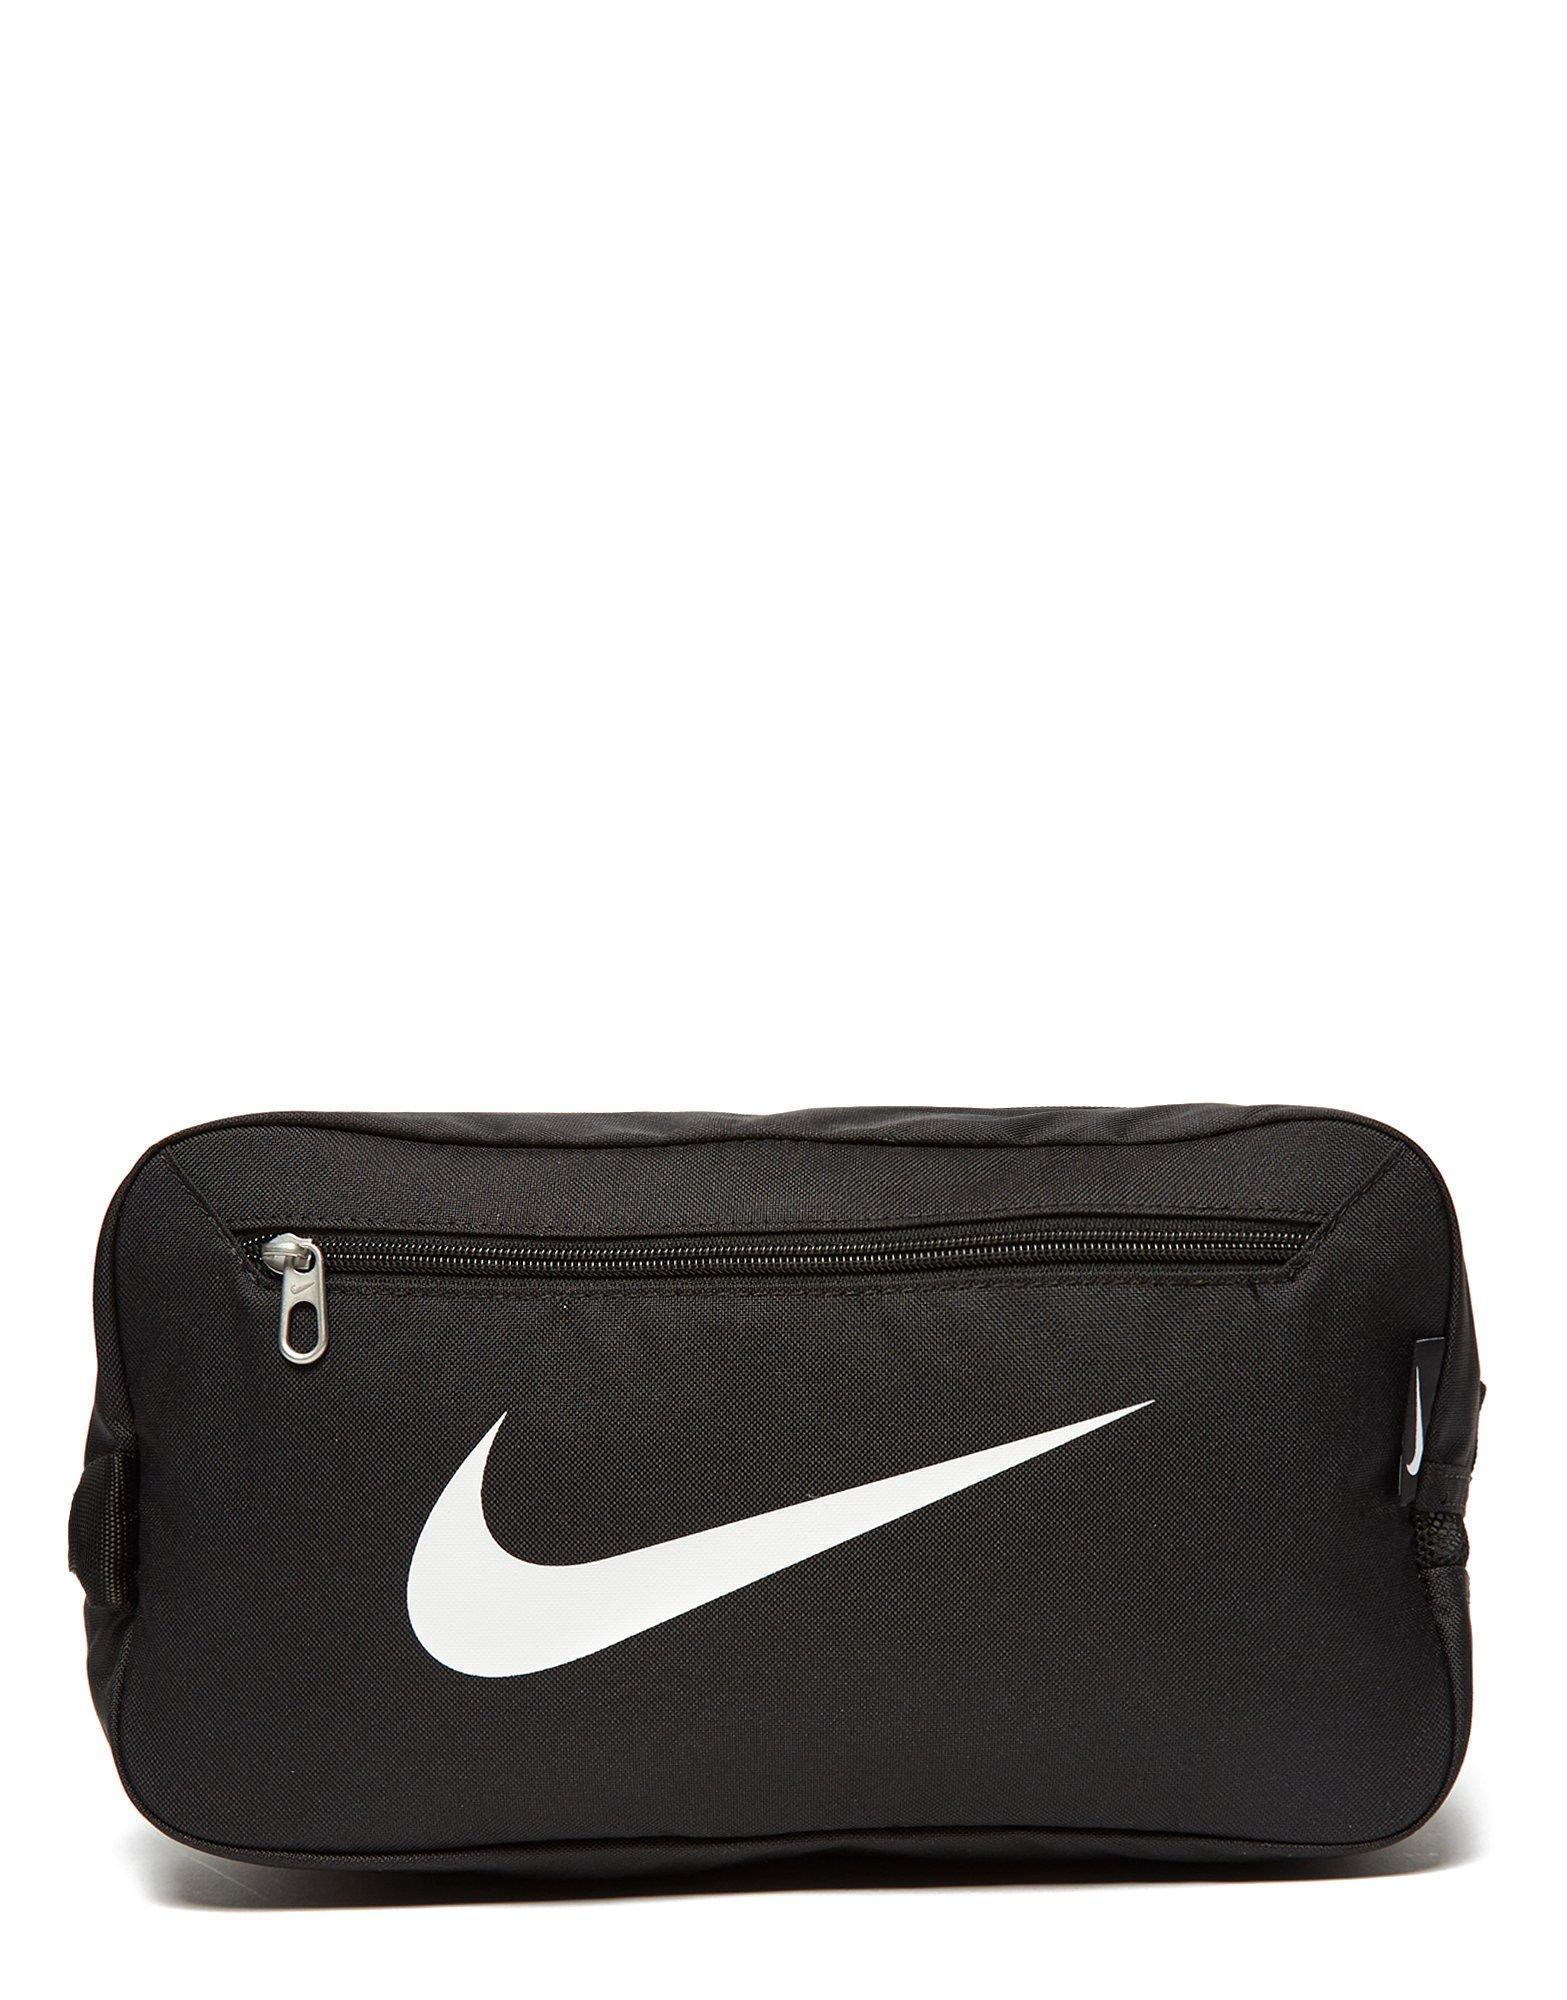 Nike Brasilia 6 Shoe Bag in Black for Men